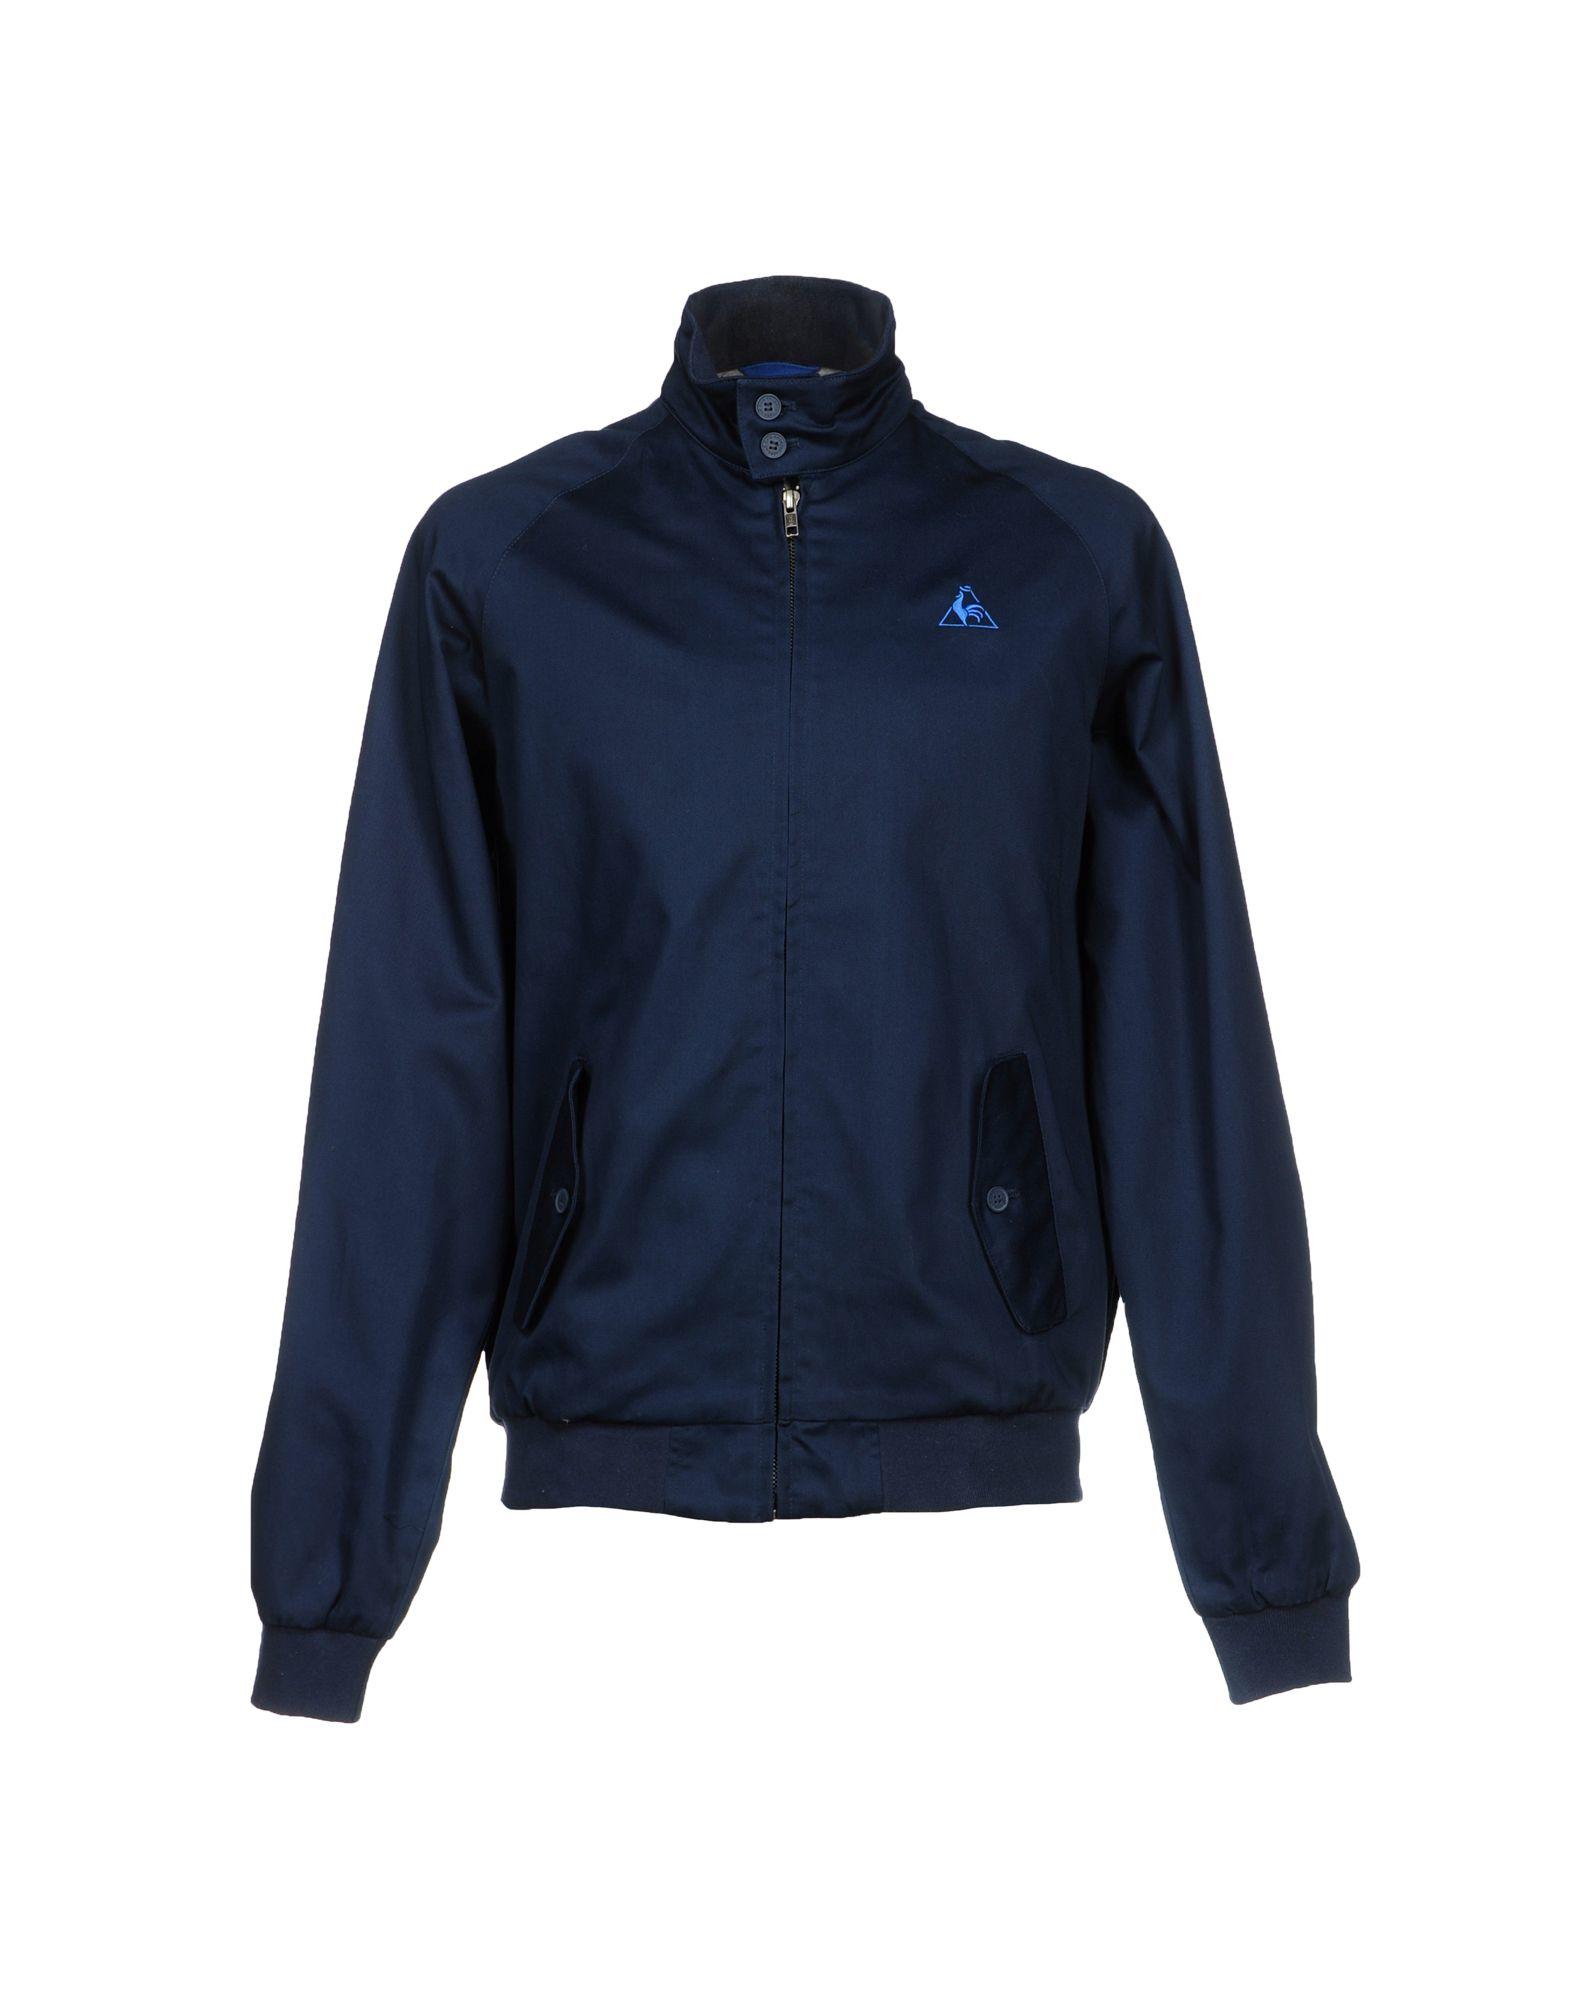 le coq sportif jacket in blue for men dark blue save 38 lyst. Black Bedroom Furniture Sets. Home Design Ideas